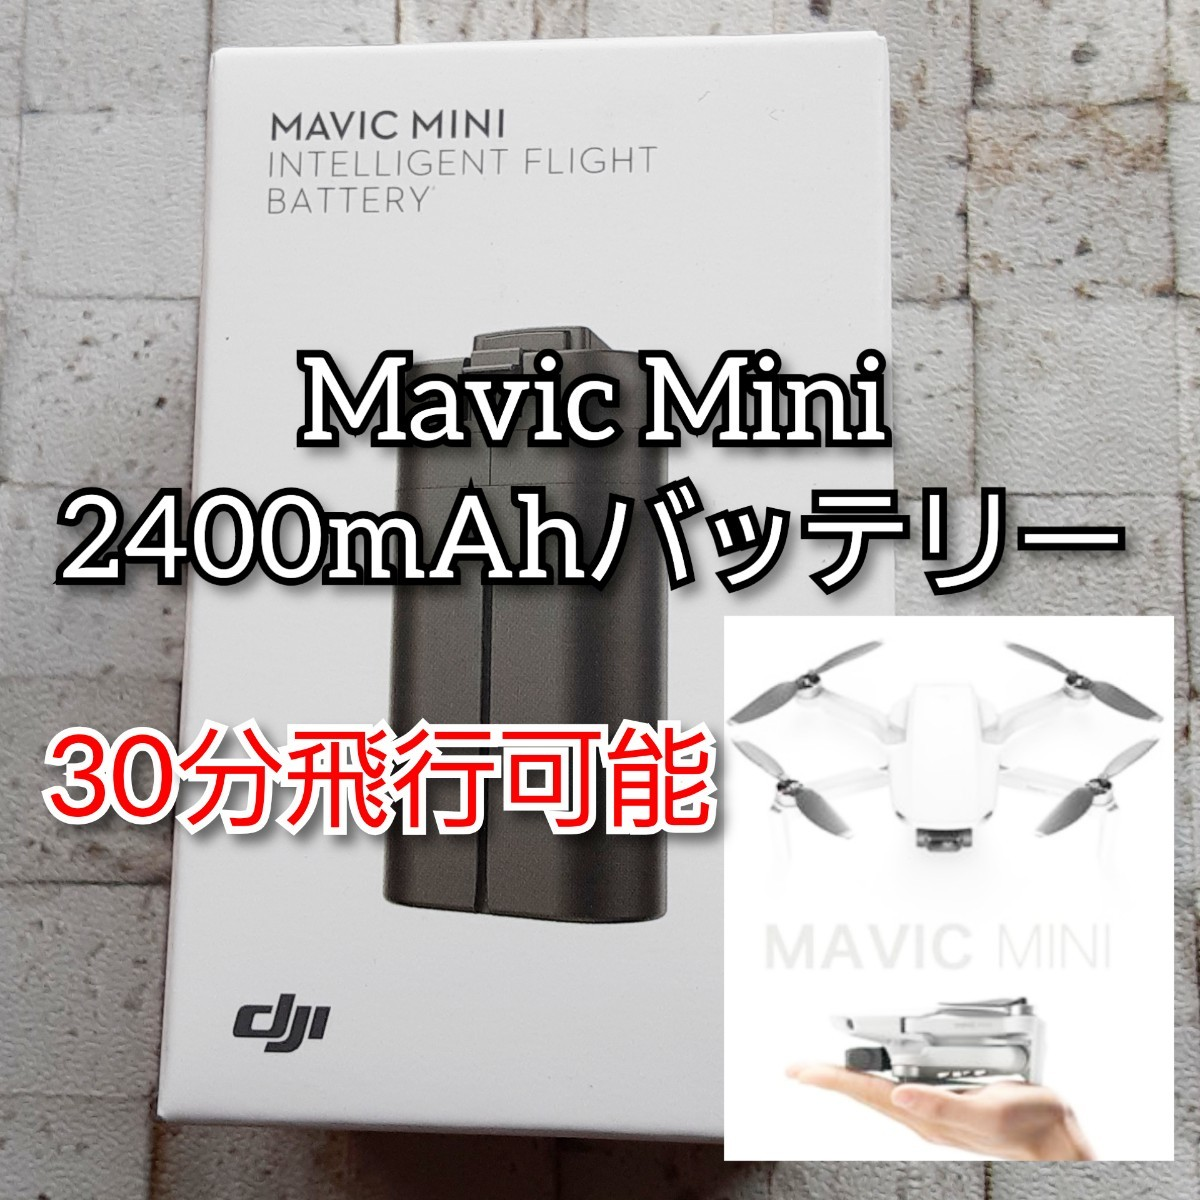 海外版■DJI Mavic mini インテリジェントバッテリー2400mAh